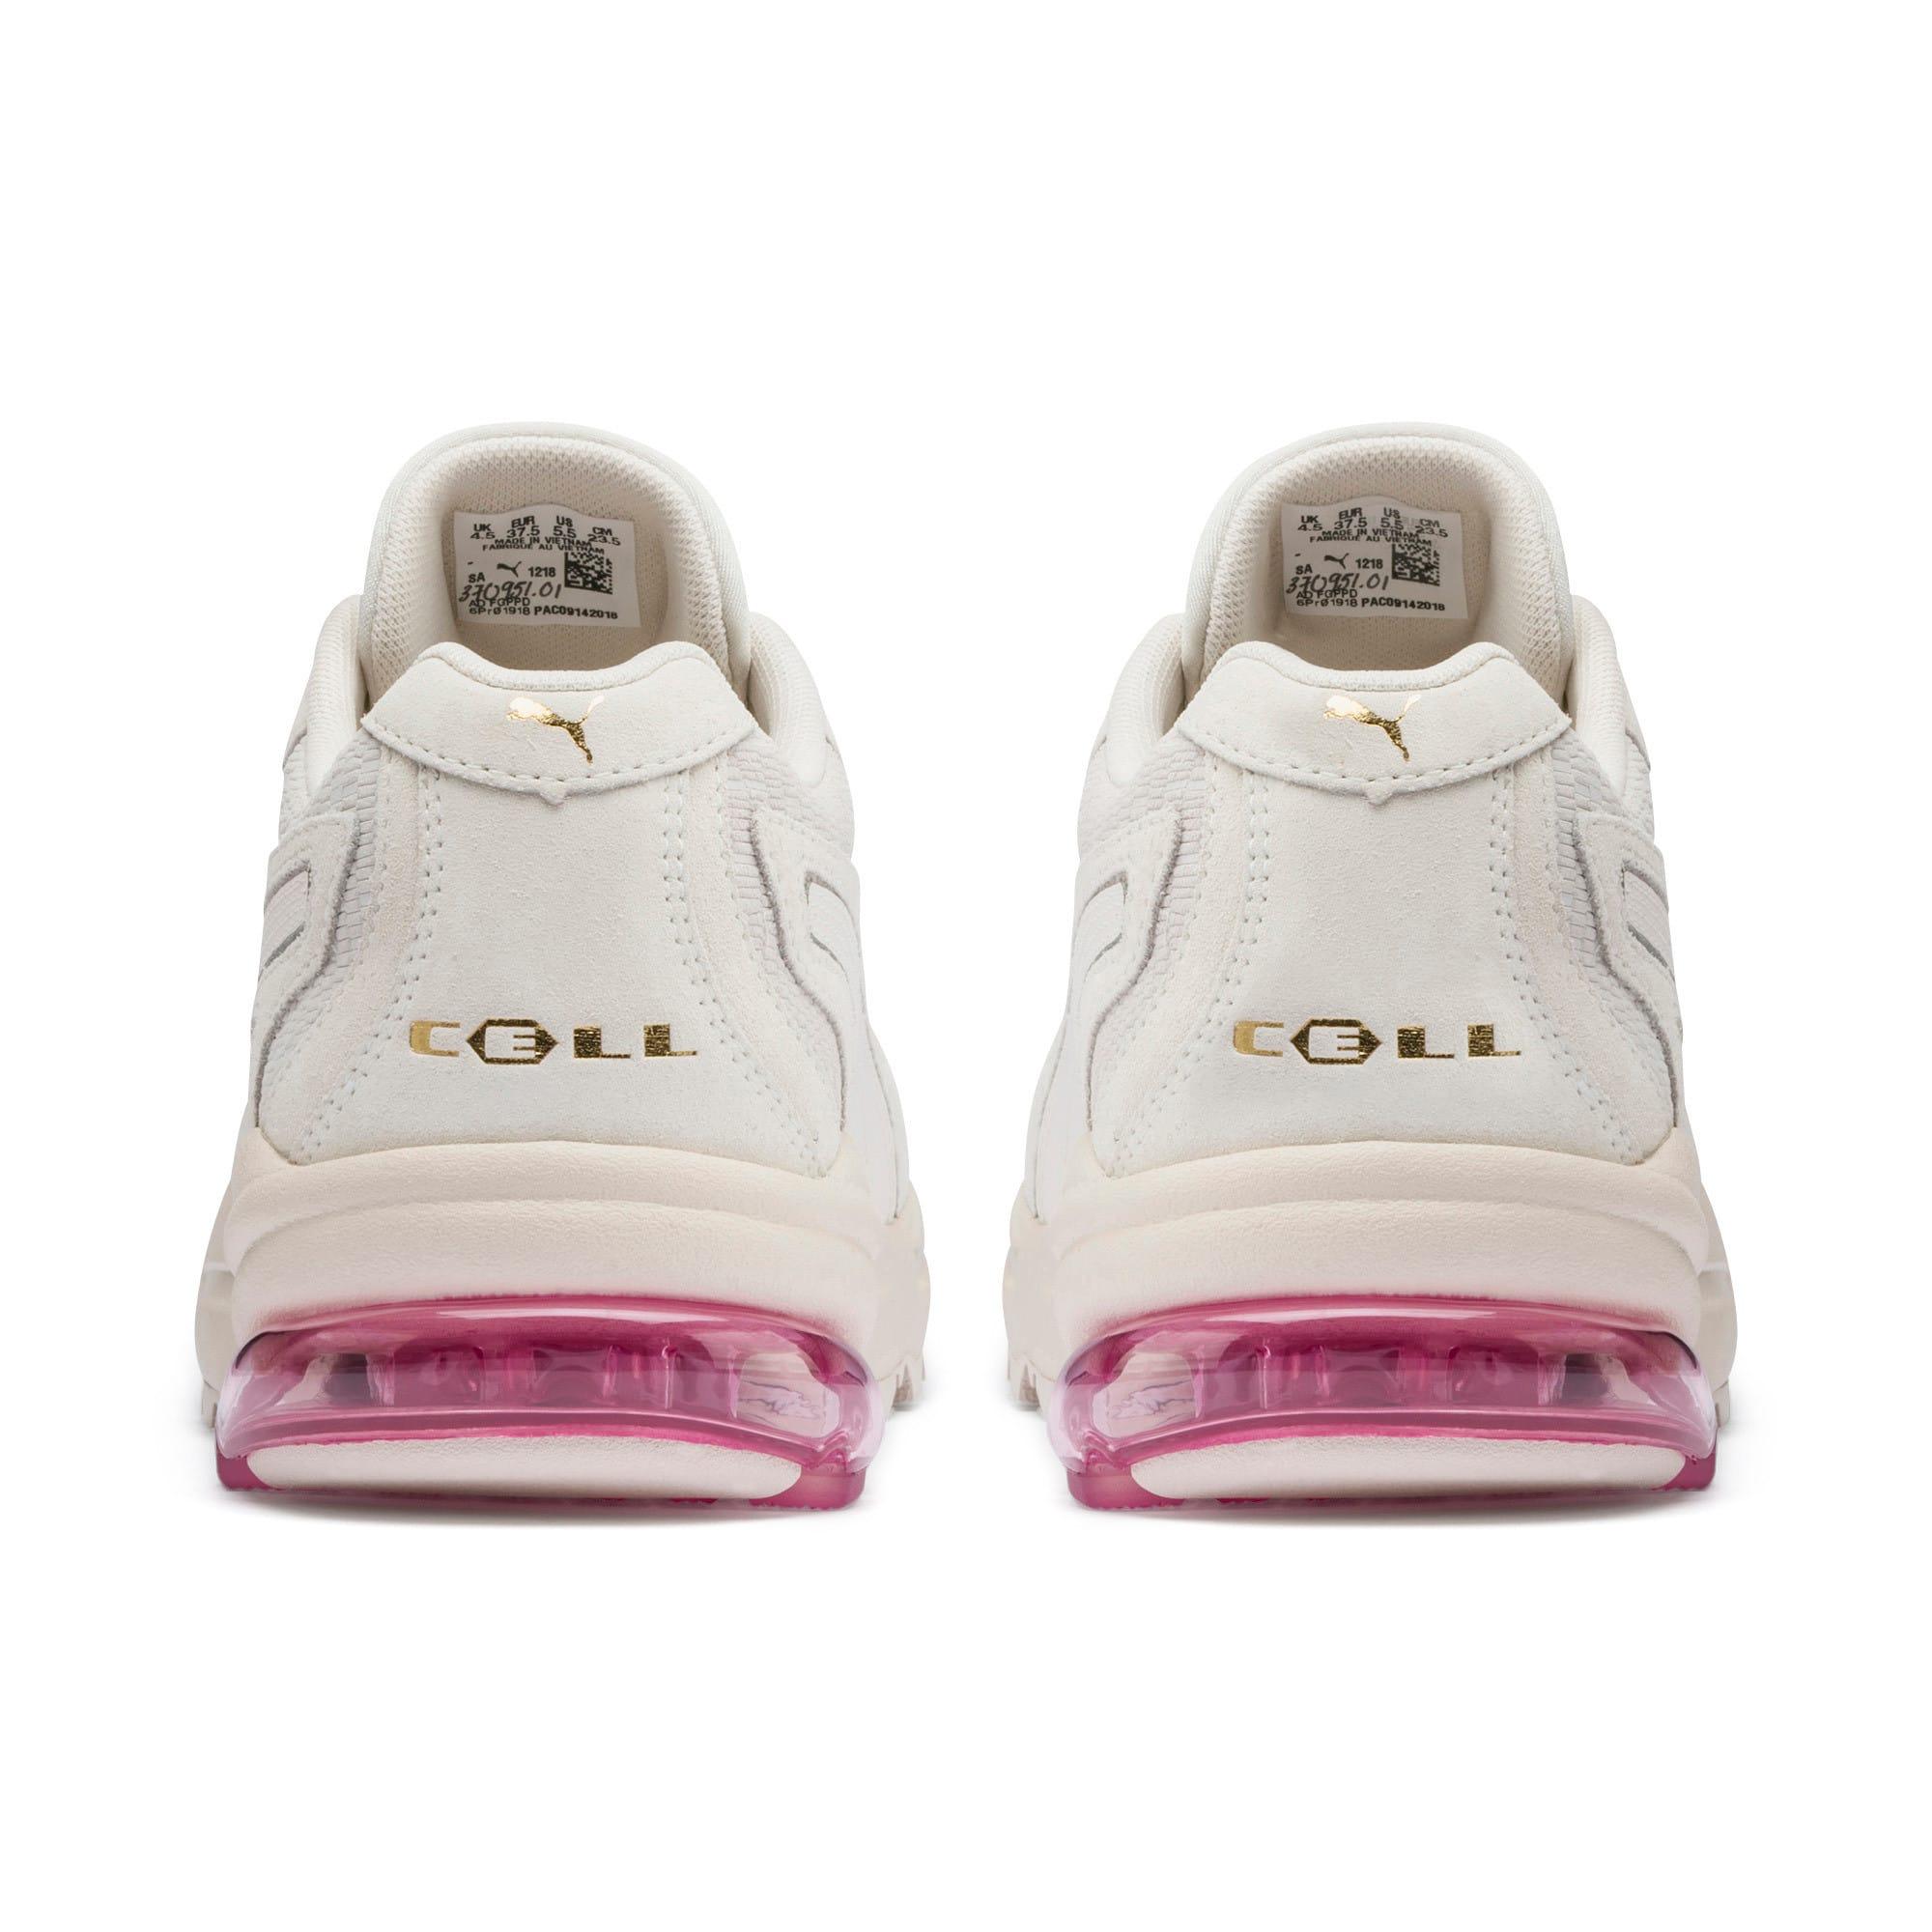 Thumbnail 4 of CELL Stellar Tonal sportschoenen voor dames, Marshmallow-Puma Team Gold, medium